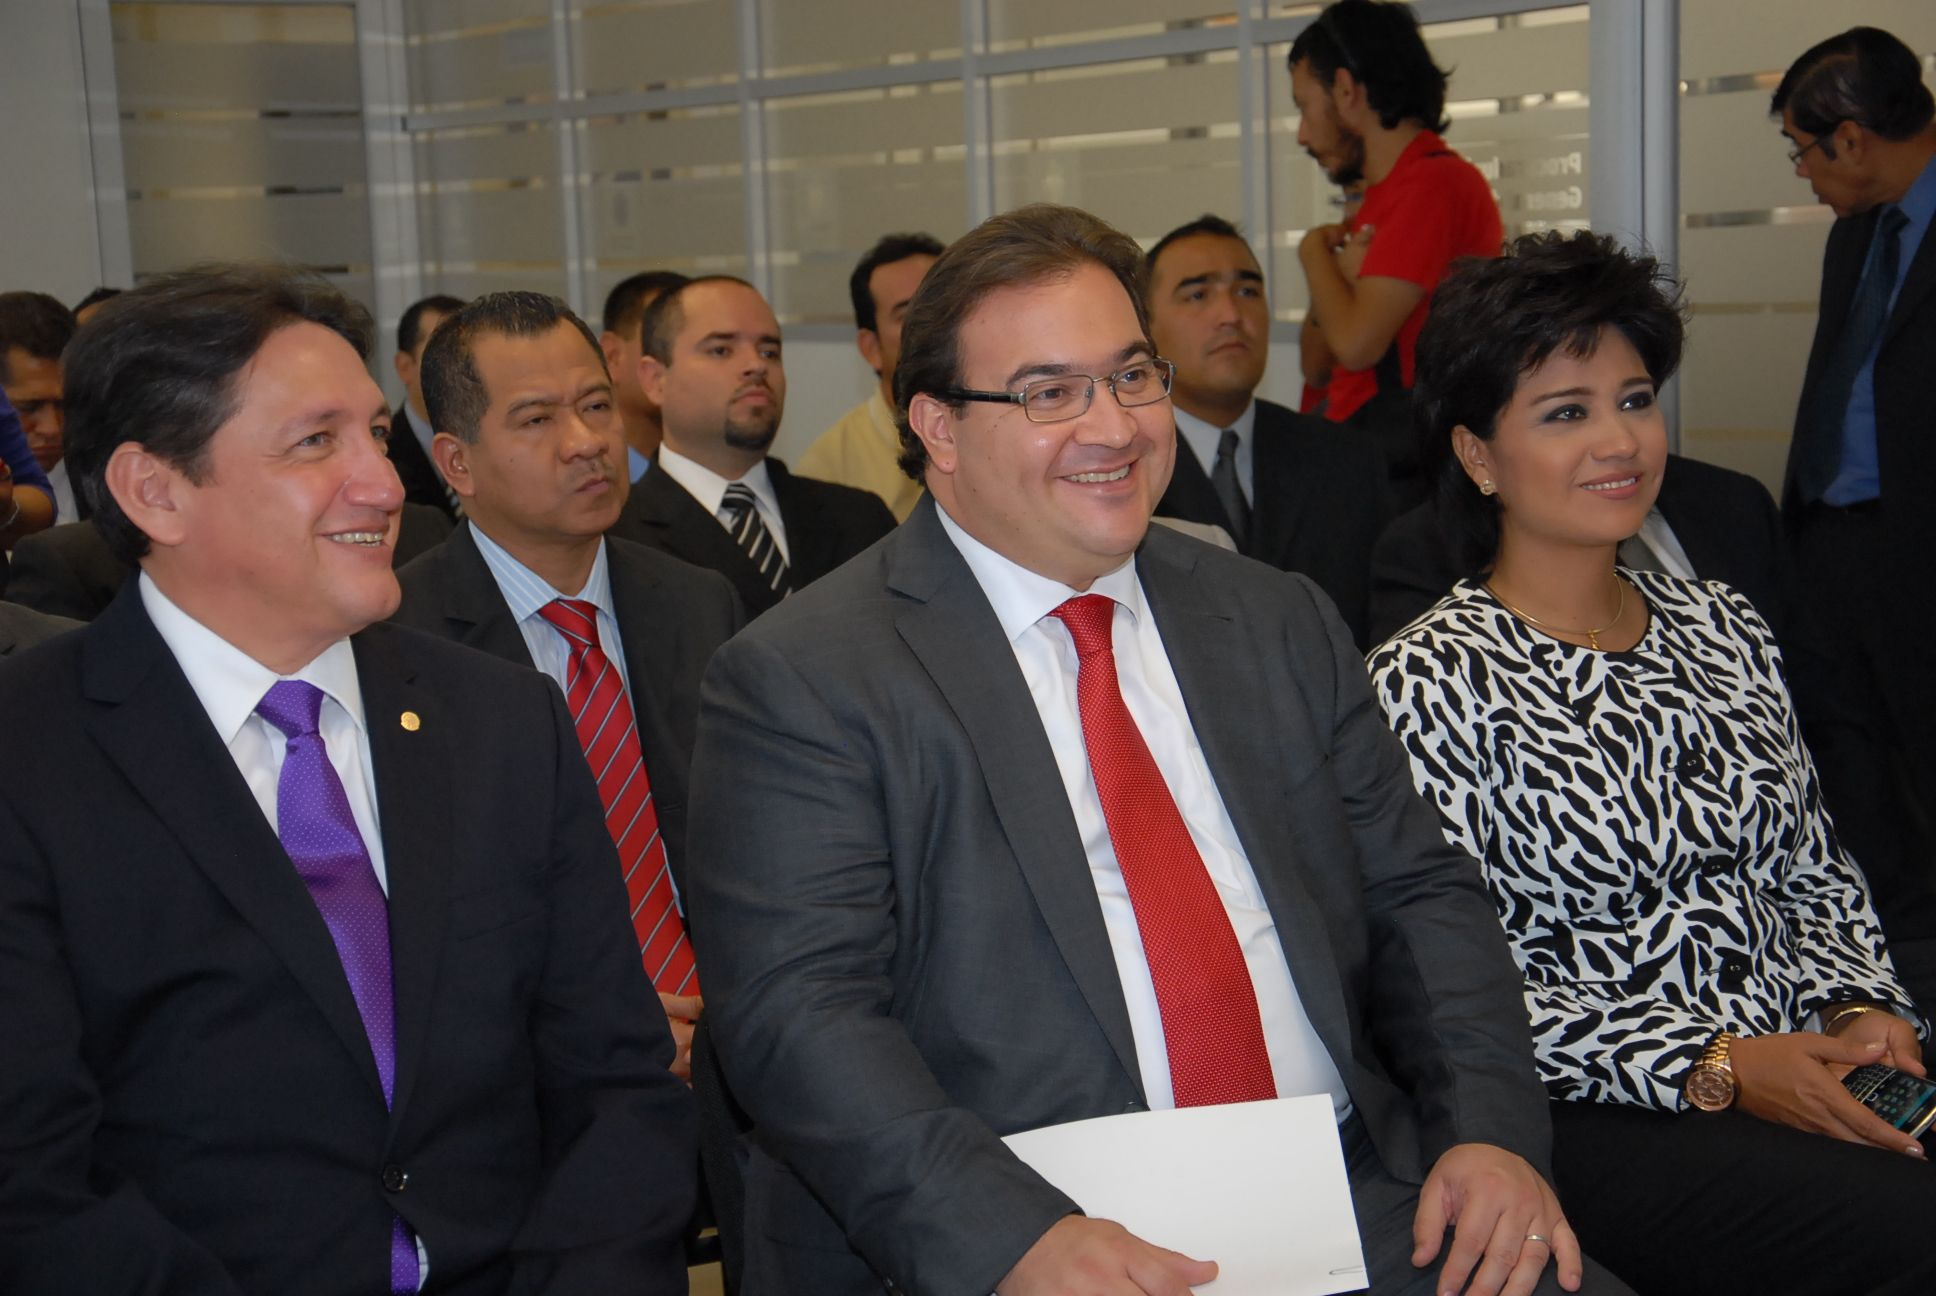 El gobernador Javier Duarte de Ochoa estuvo acompañado por el diputado federal Alejandro Montano Guzmán y la alcaldesa de Xalapa, Elizabeth Morales García, en la Entrega de Estímulos por buen desempeño a servidores públicos de la Procuraduría General de Justicia del Estado de Veracruz (PGJ).